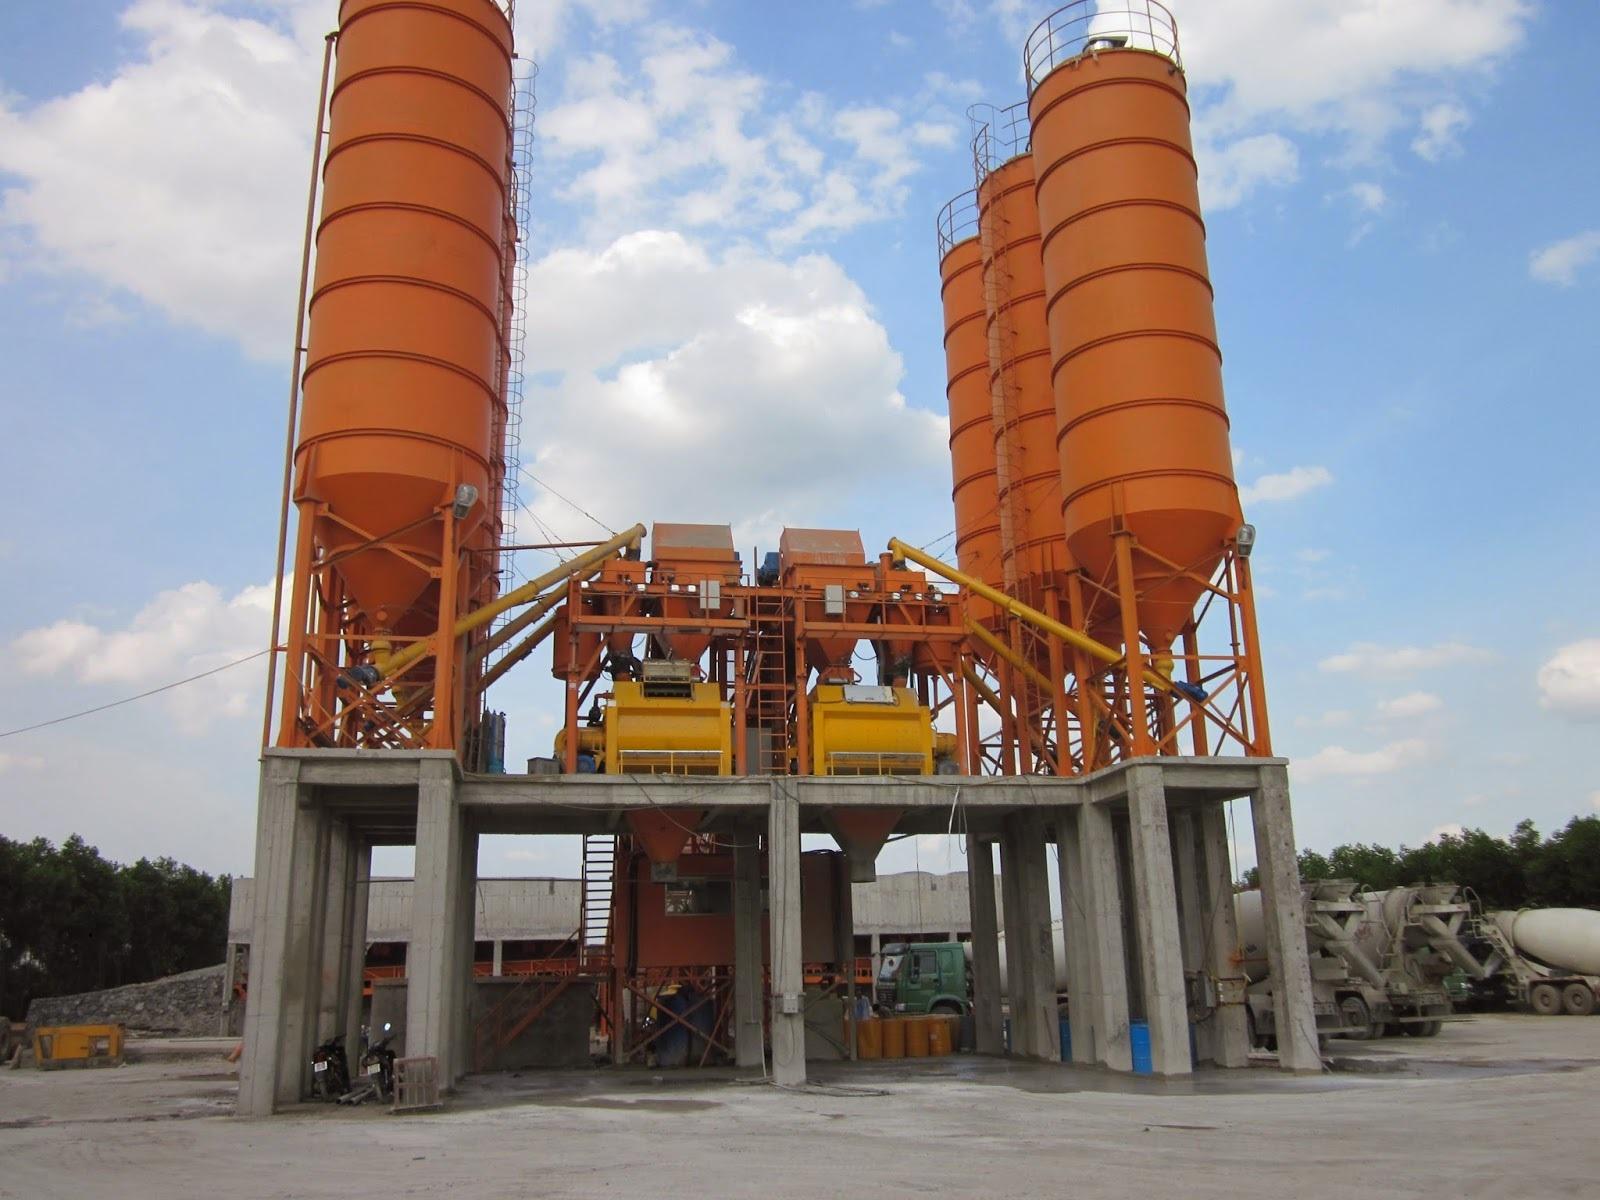 Bê tông là lĩnh vực hoạt động chính của công ty.